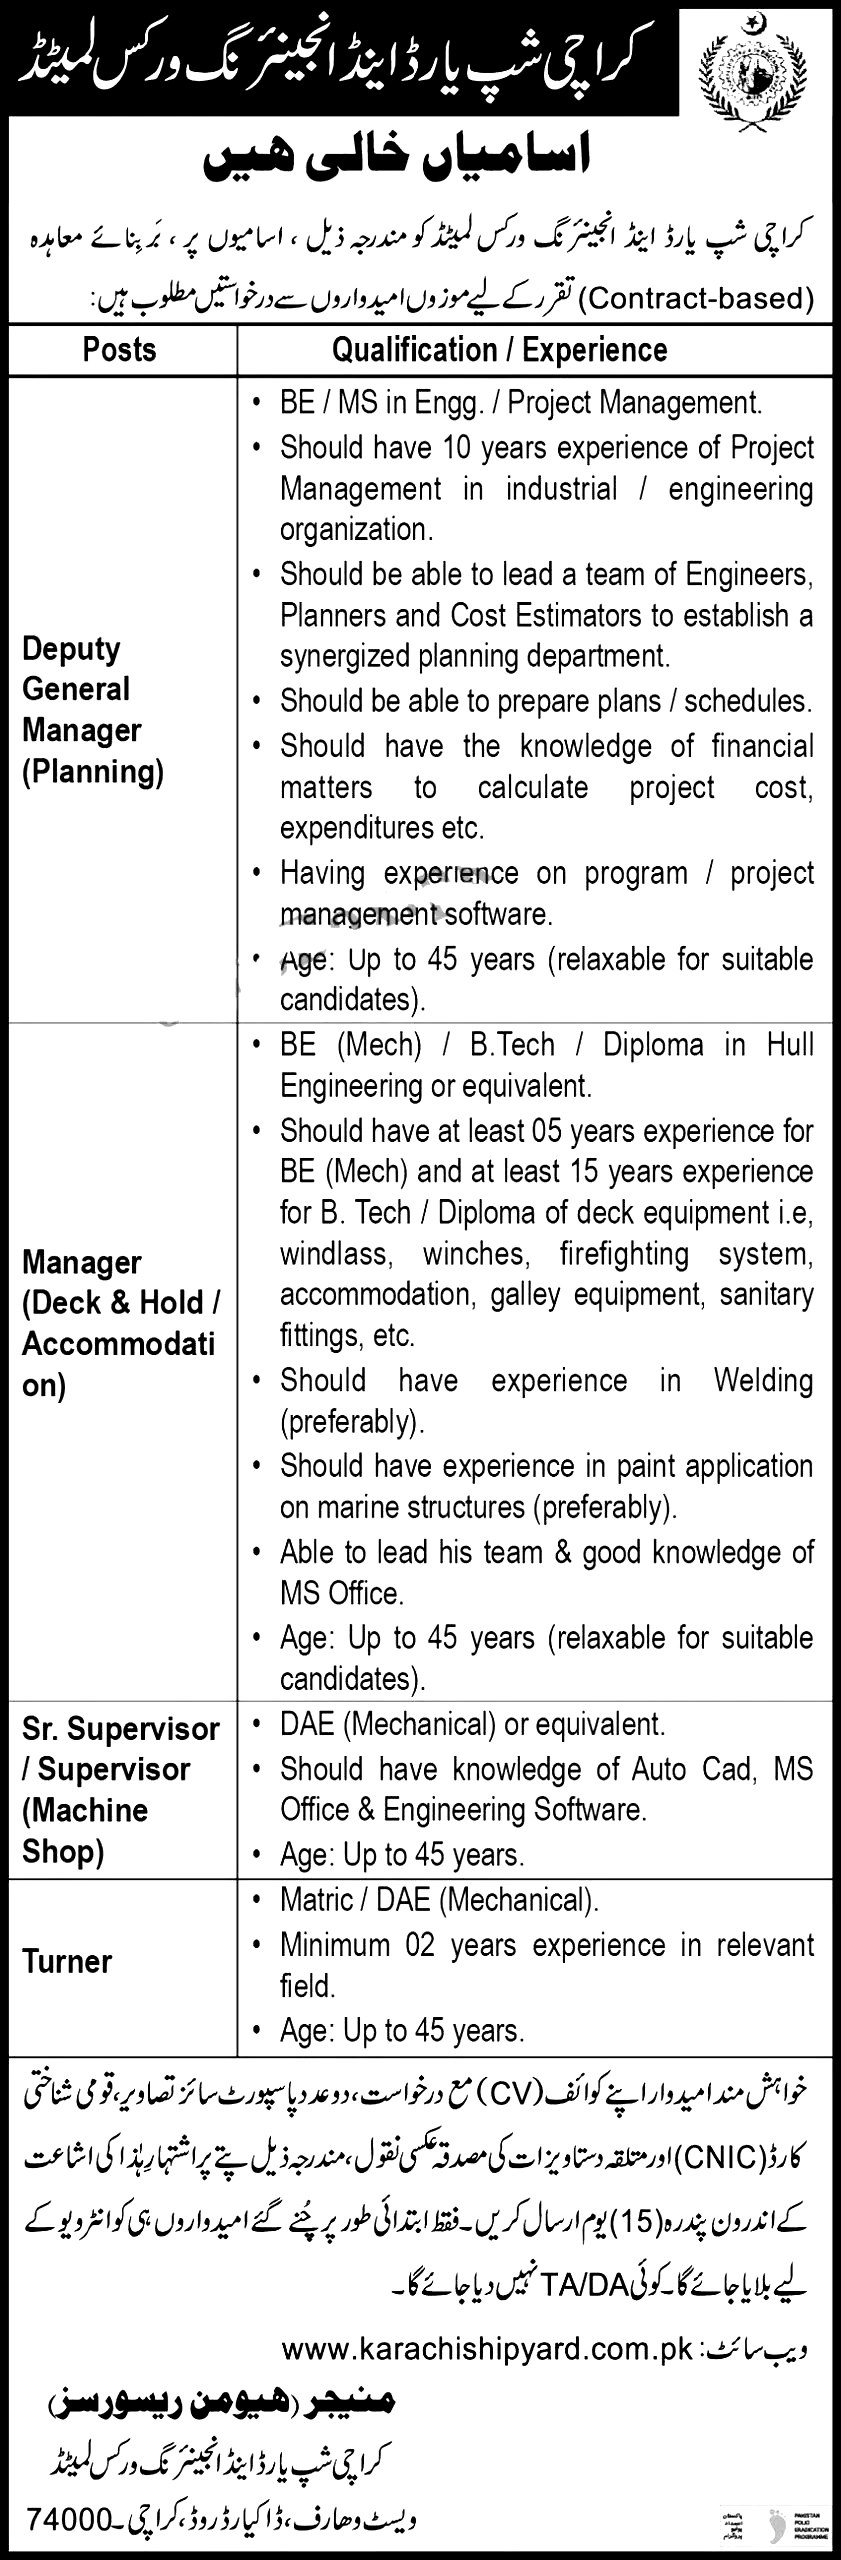 Karachi Shipyard and Engineering Works KSEW Jobs 2021